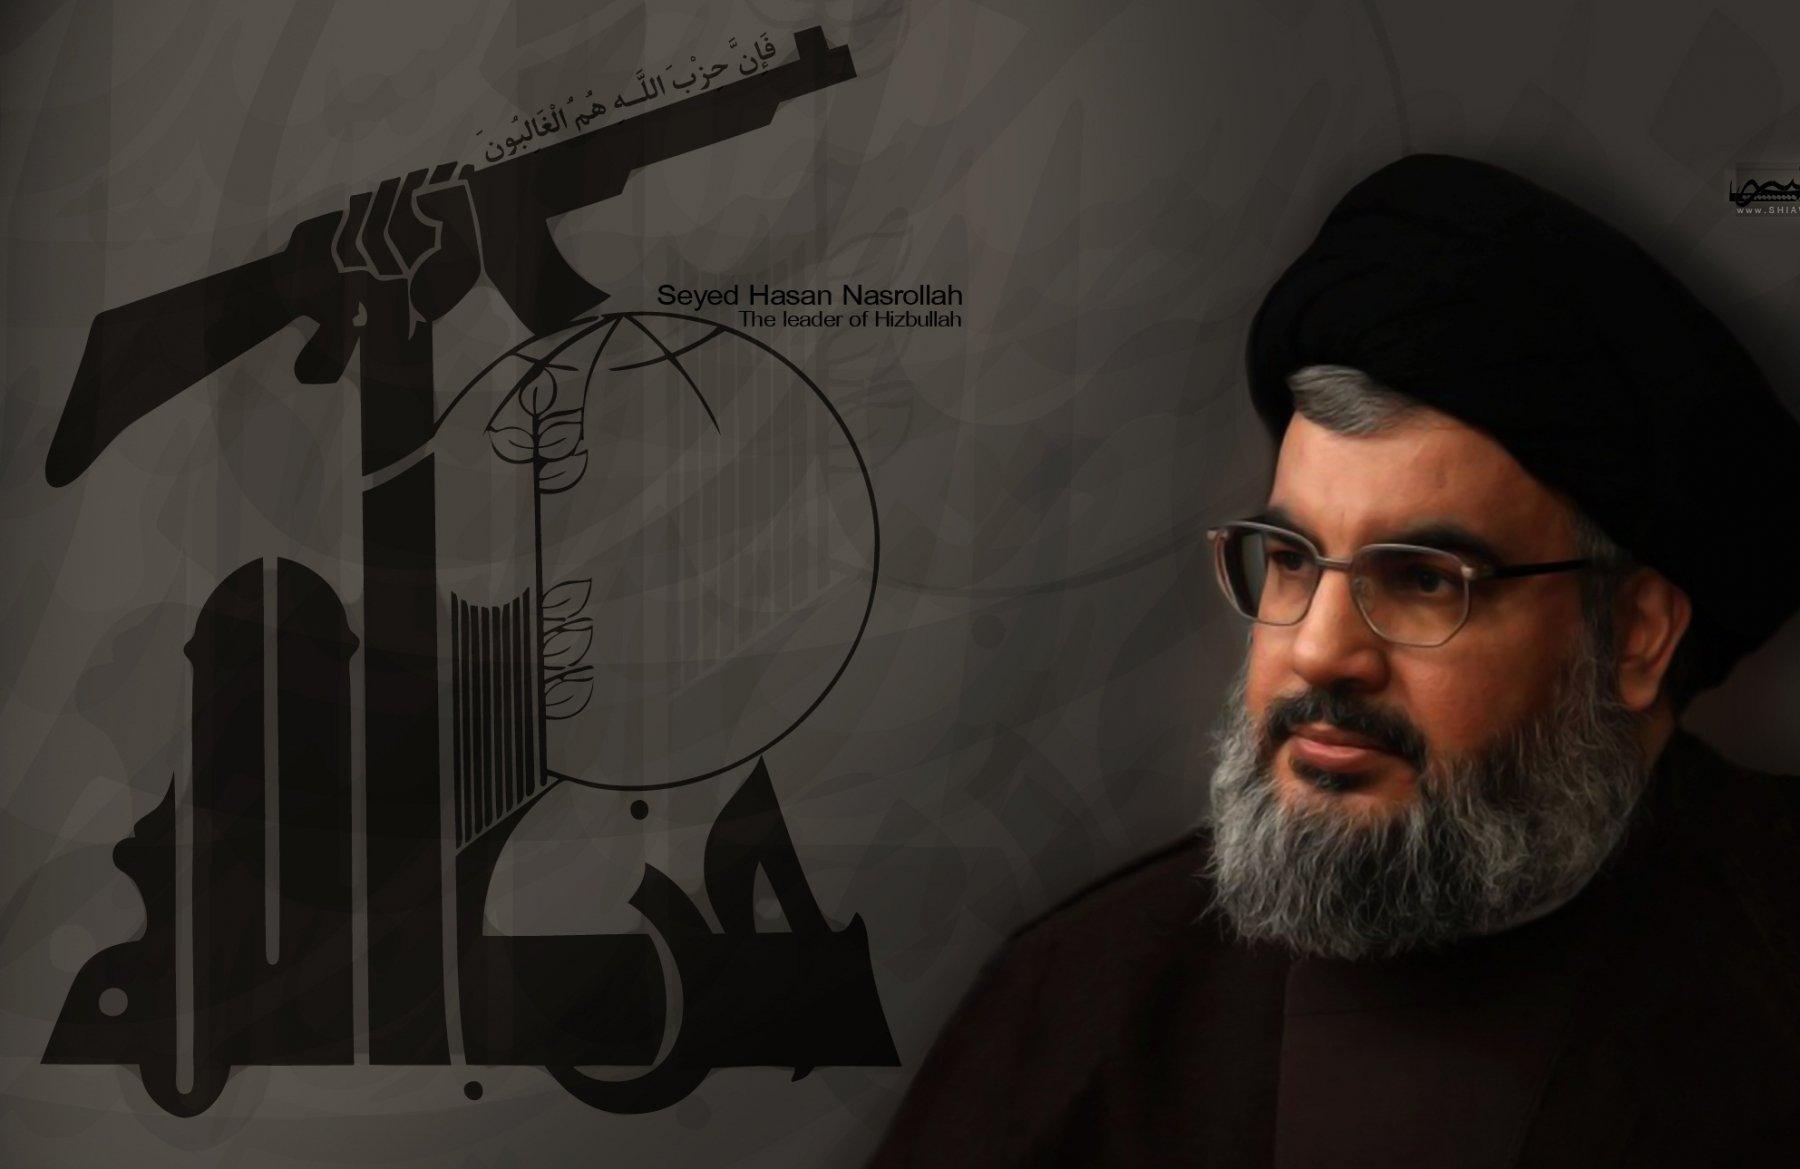 حزب الله: اغتيال